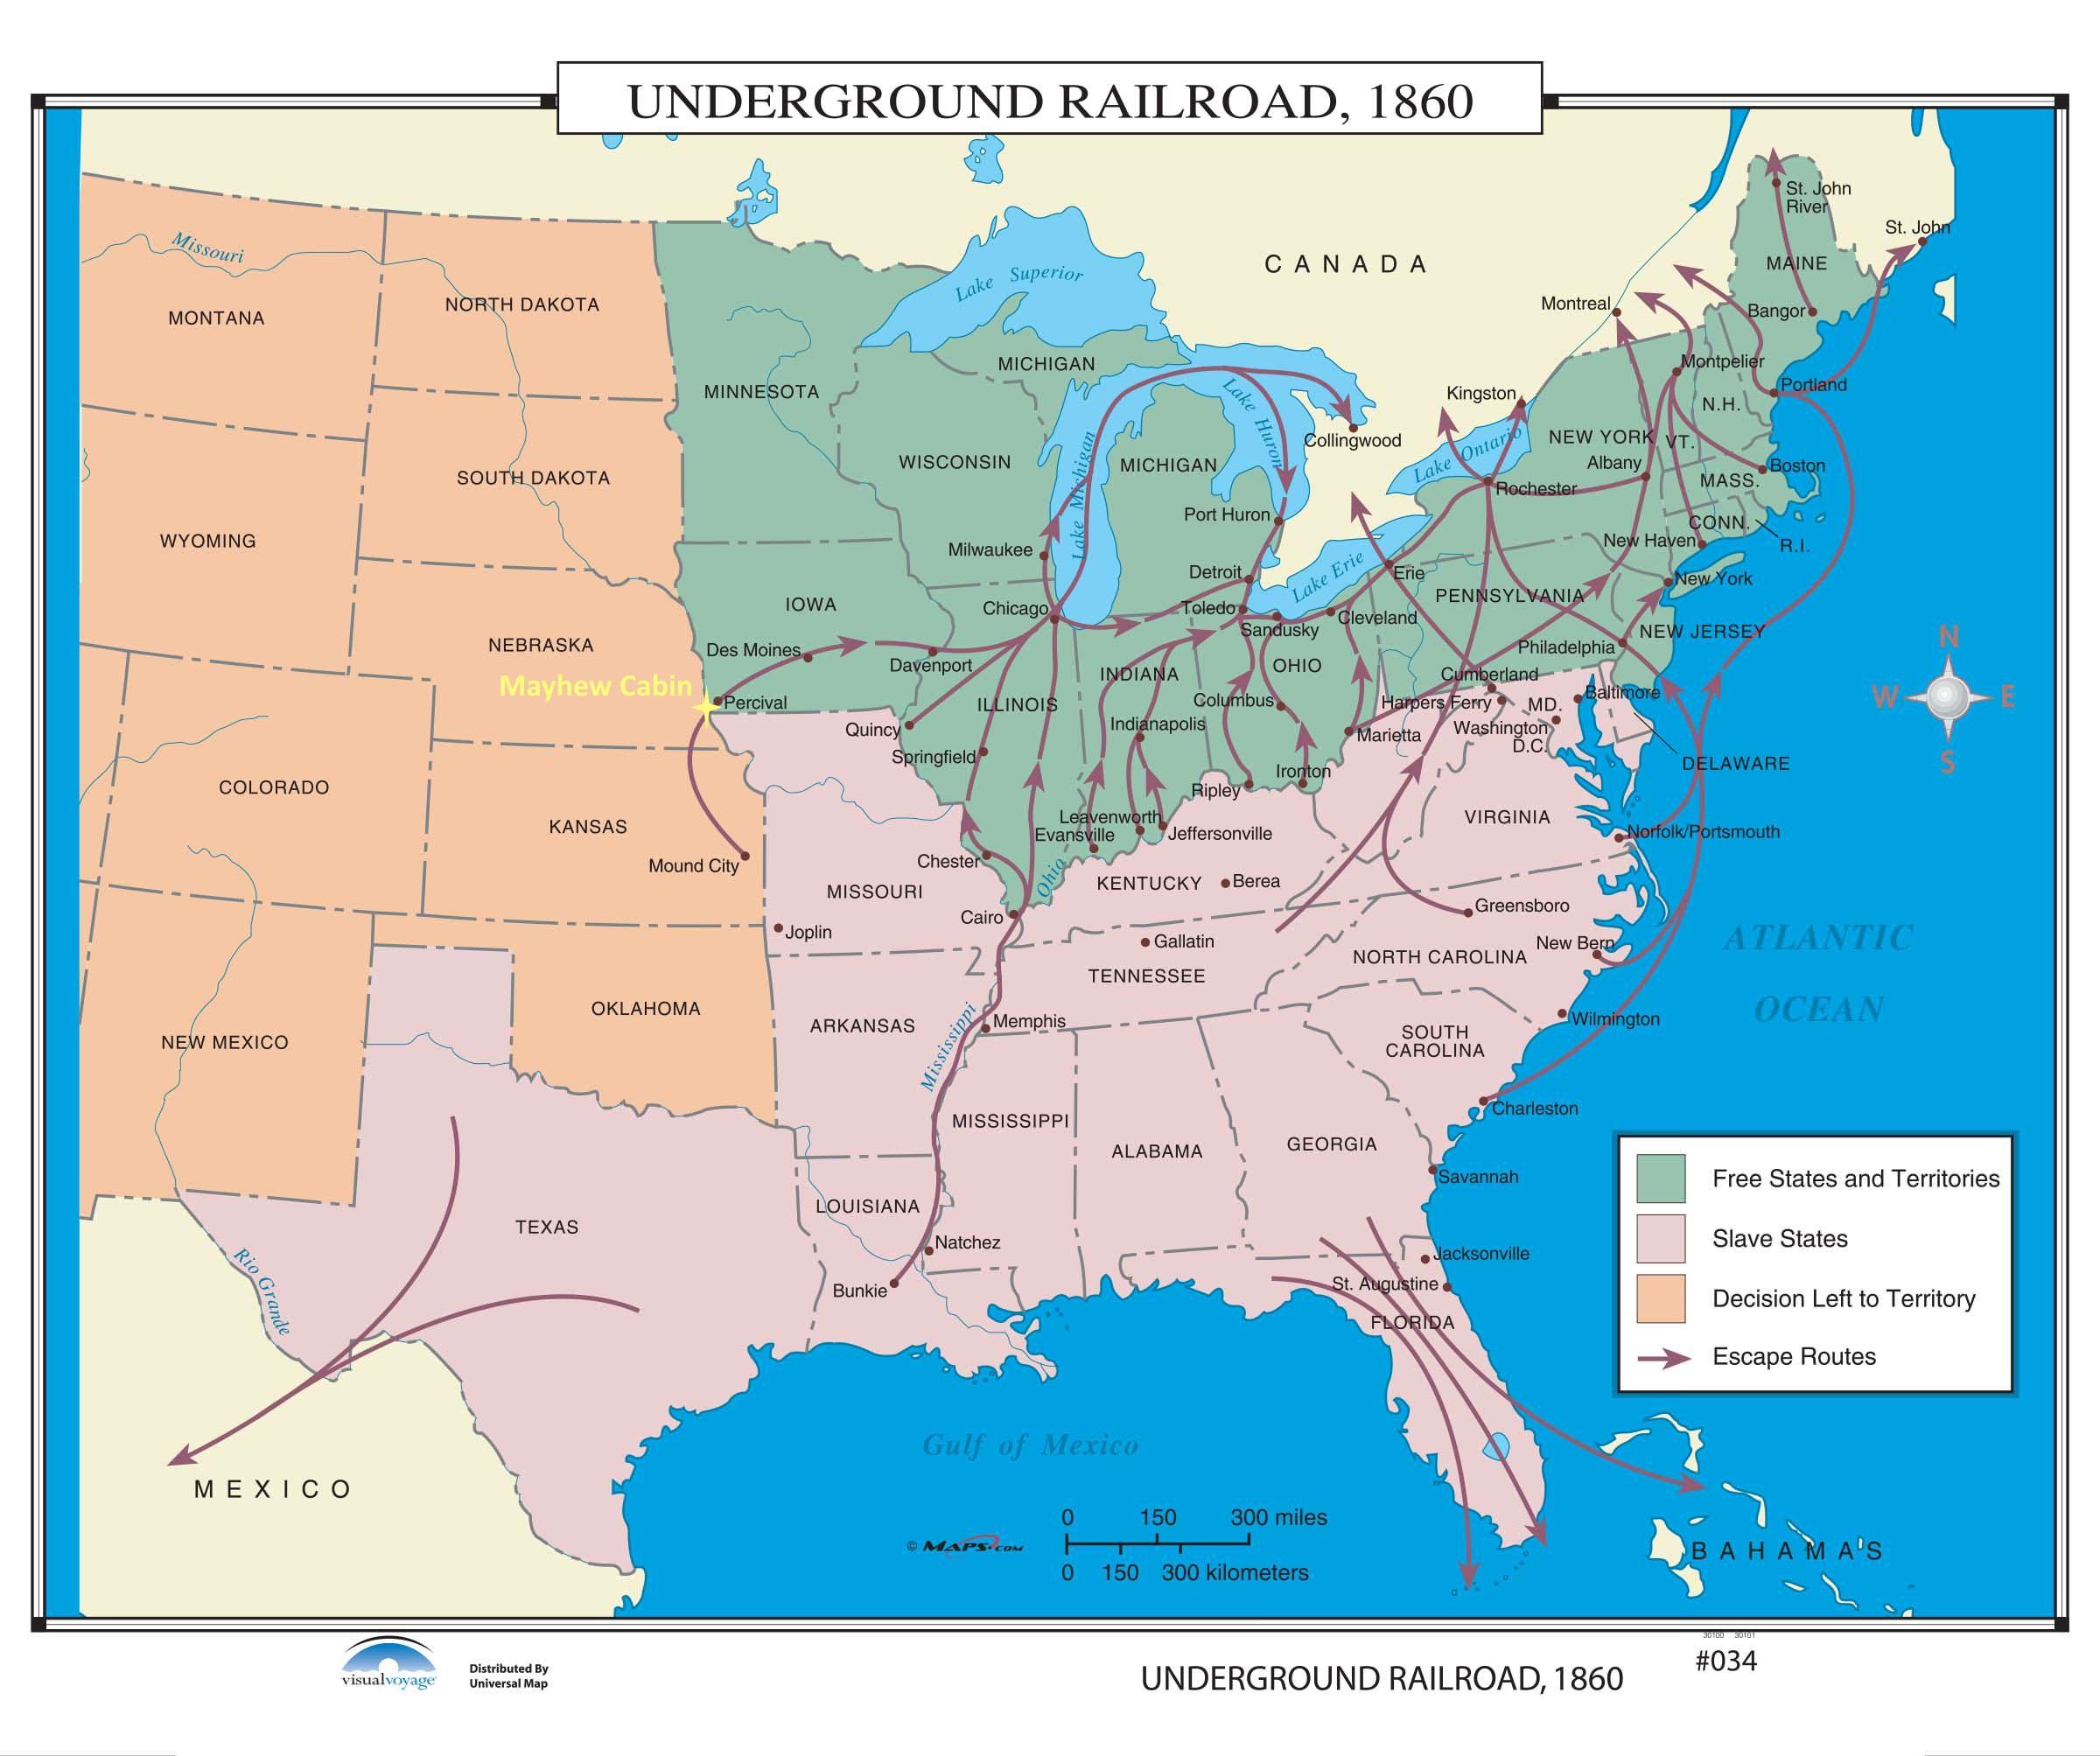 1860 - US UGRR Routes